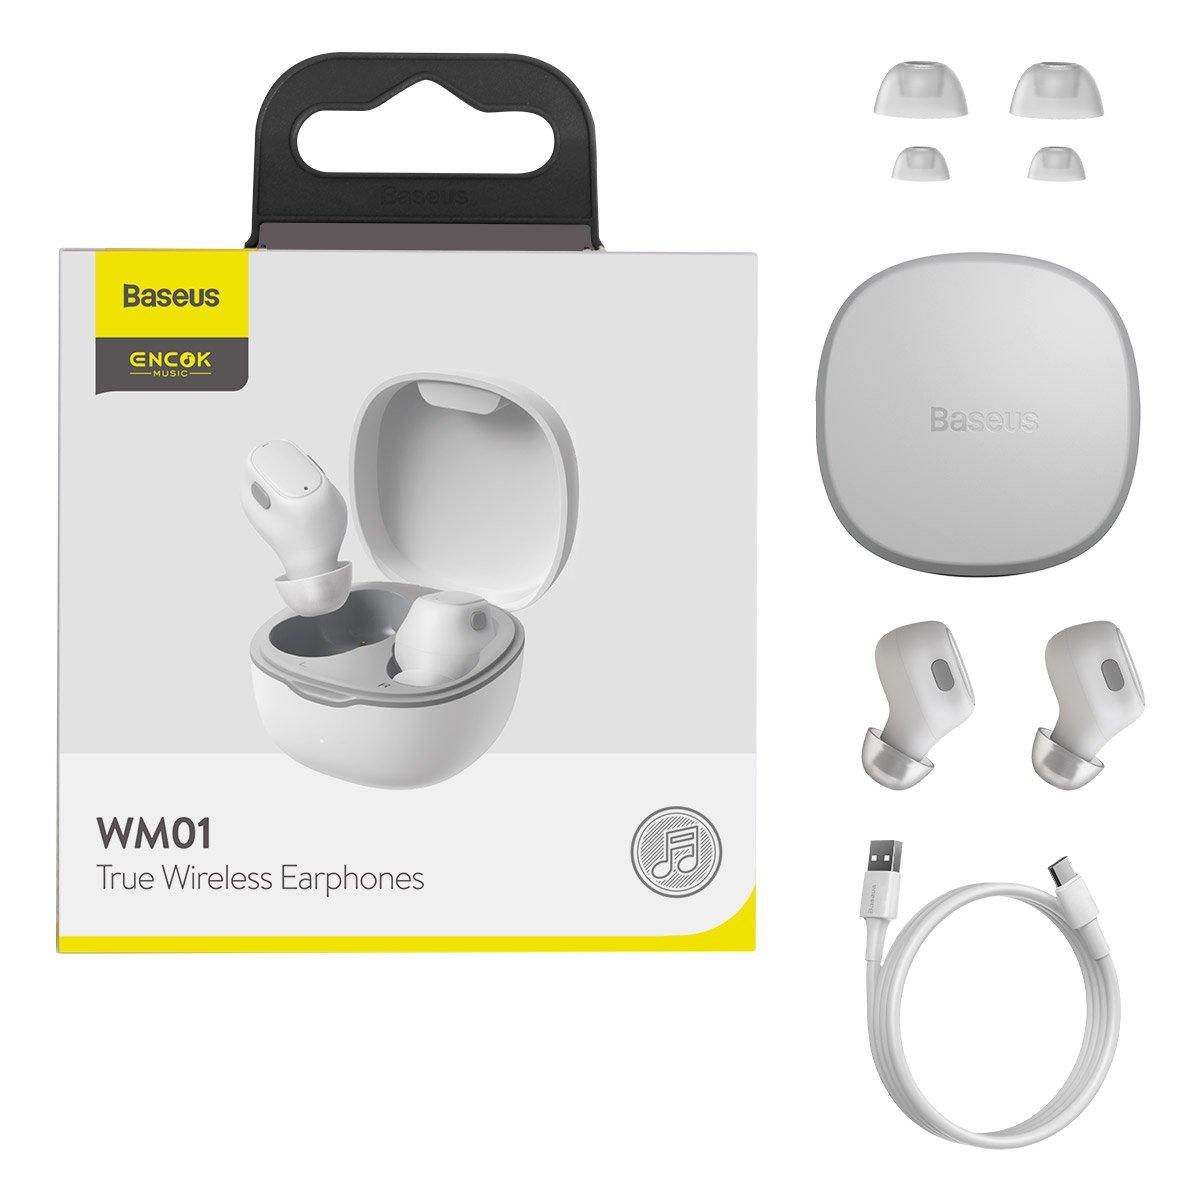 Baseus Encok WM01 TWS Bezdrátová sluchátka do uší Bluetooth 5.0 White